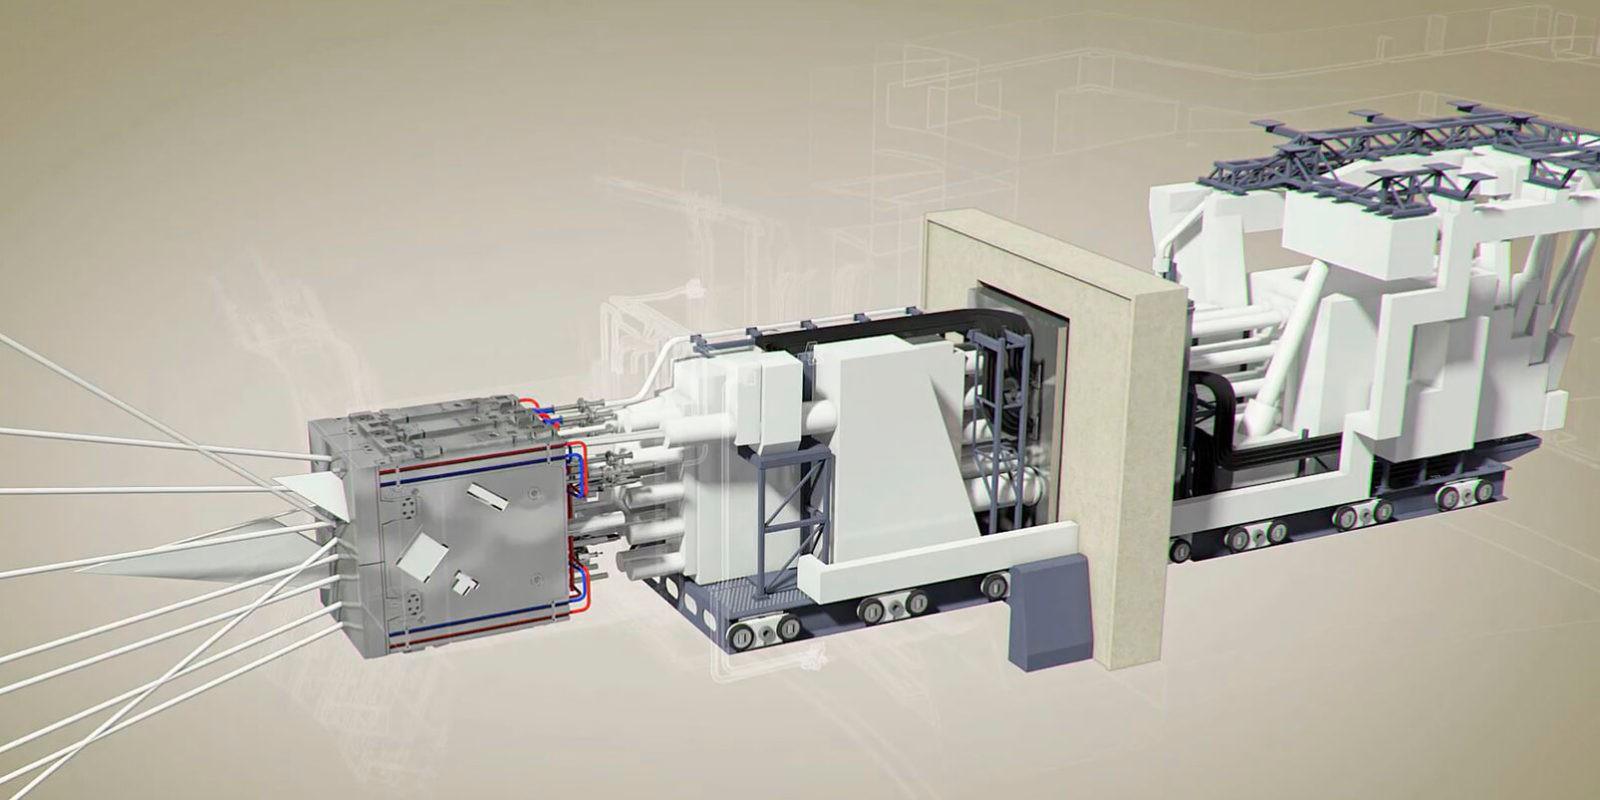 ITER-Fusion-Reactor-Equatorial-Port-Cadarache-France-IDOM-ADA_1